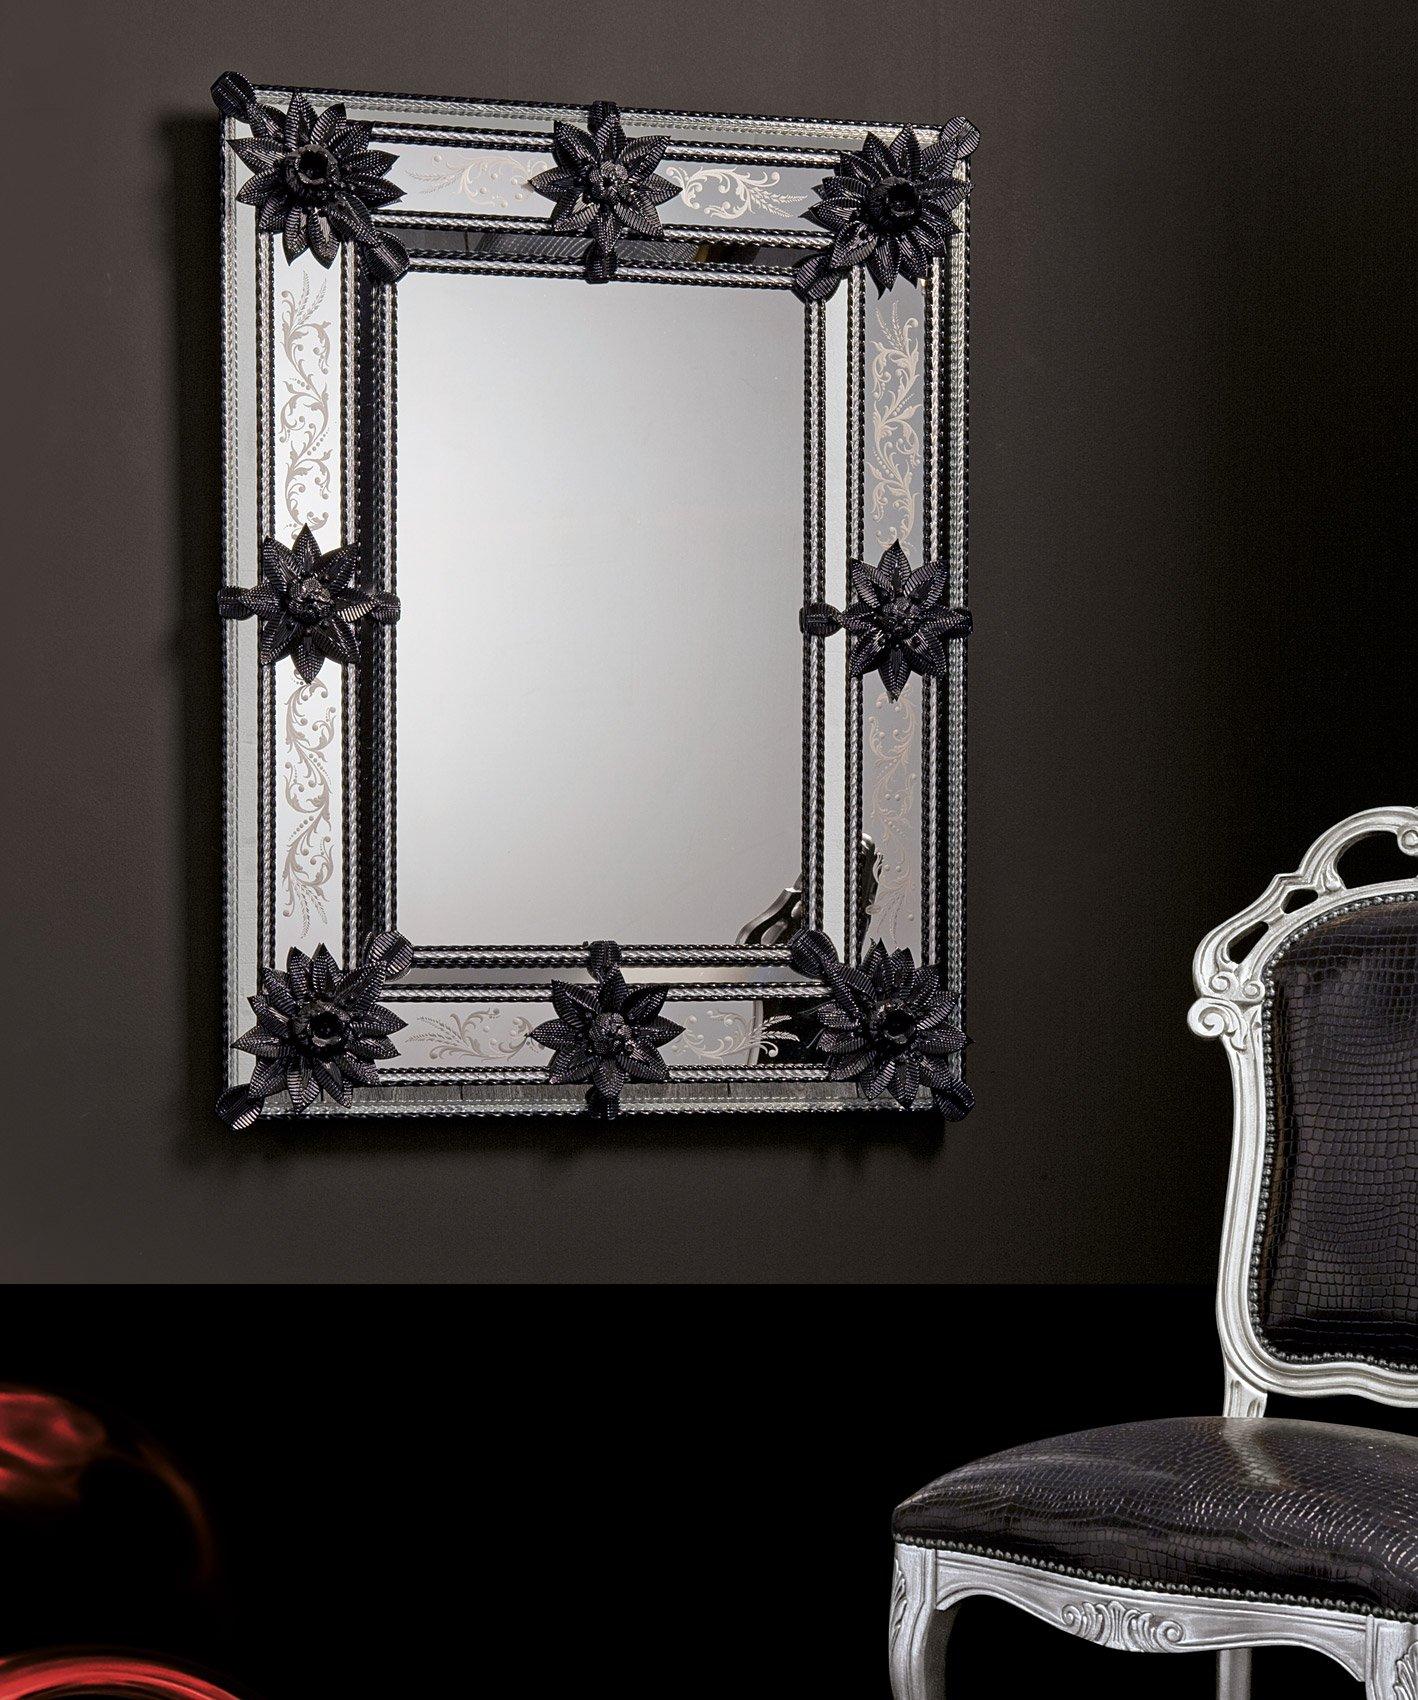 malibran deko spiegel von vintage. Black Bedroom Furniture Sets. Home Design Ideas